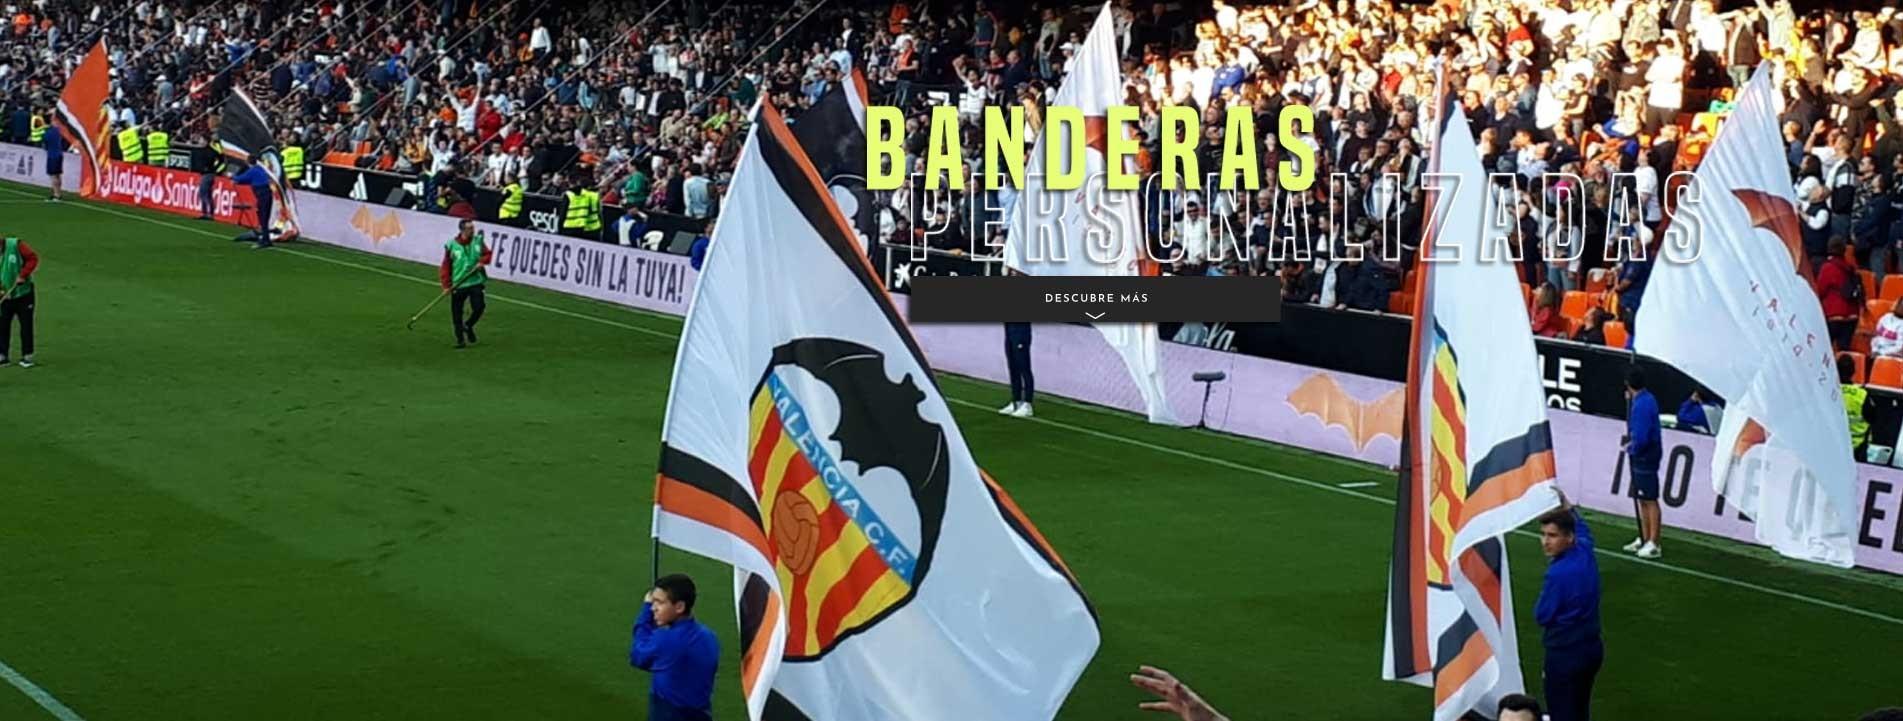 banderas_personalizadas